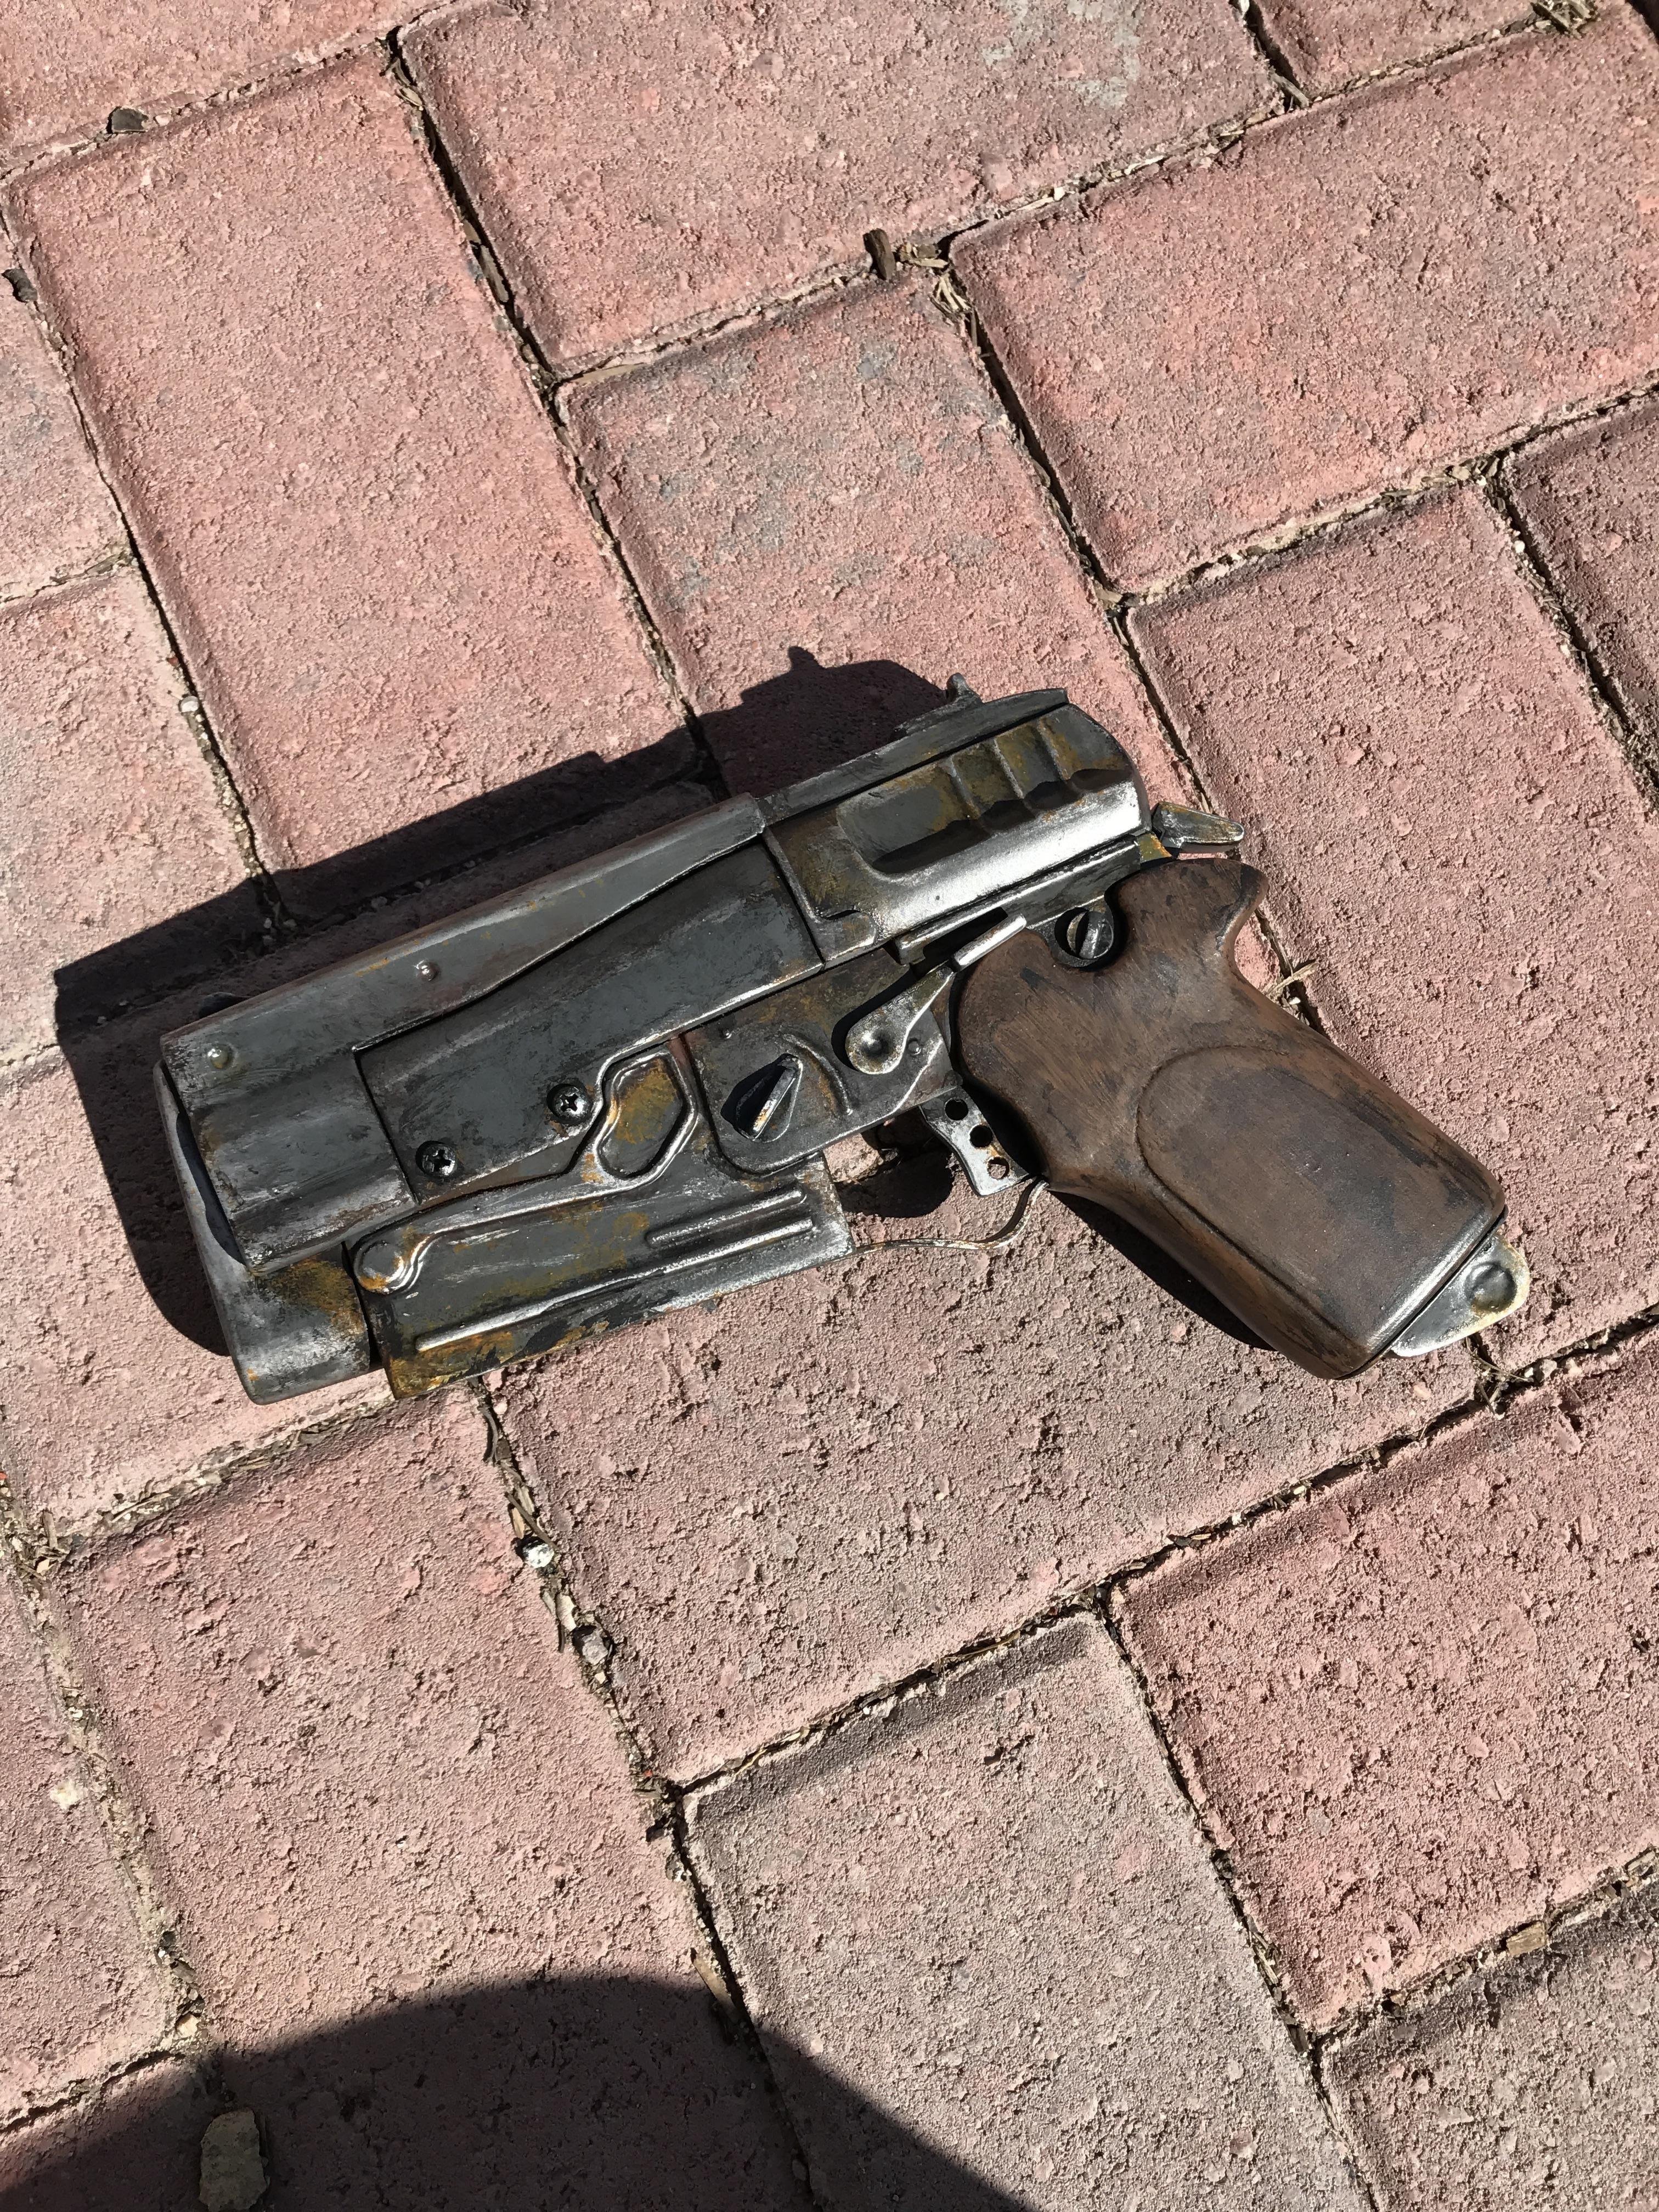 Pistol Papercraft Fallout 4 10mm Pistol Prop 3d Printed